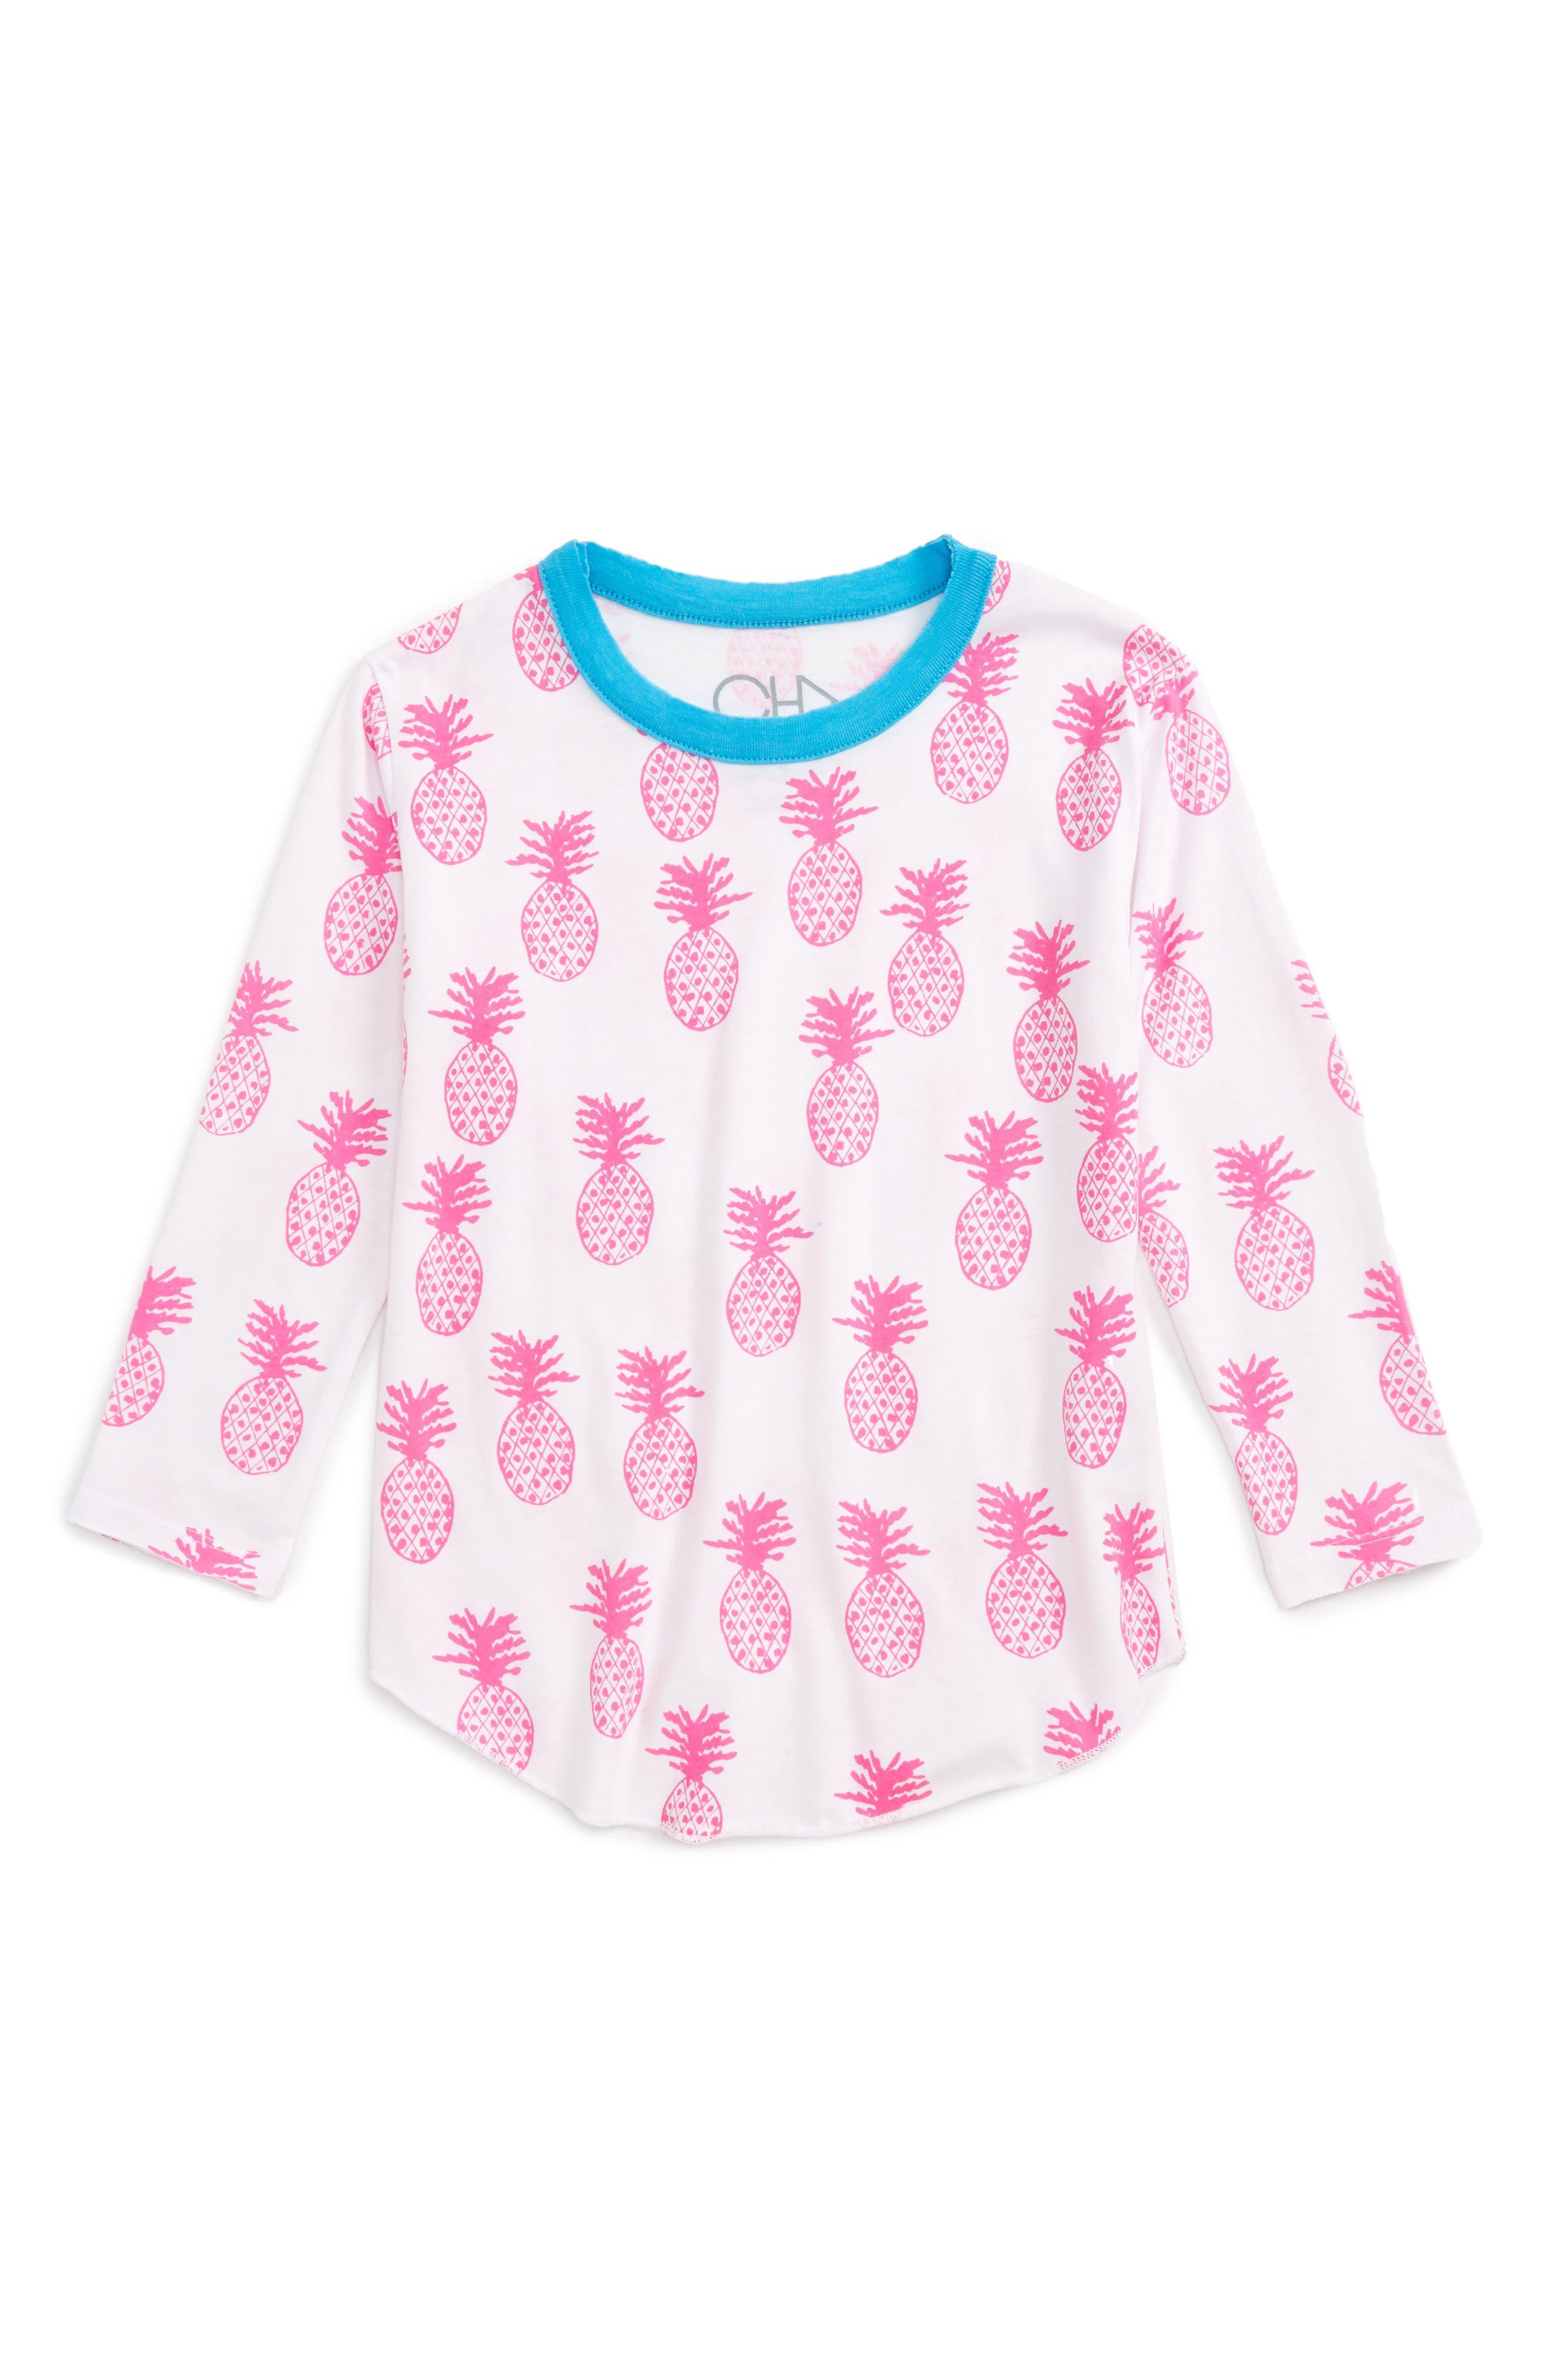 Alternate Image 1 Selected - Chaser Pineapple Print Tee (Toddler Girls & Little Girls)